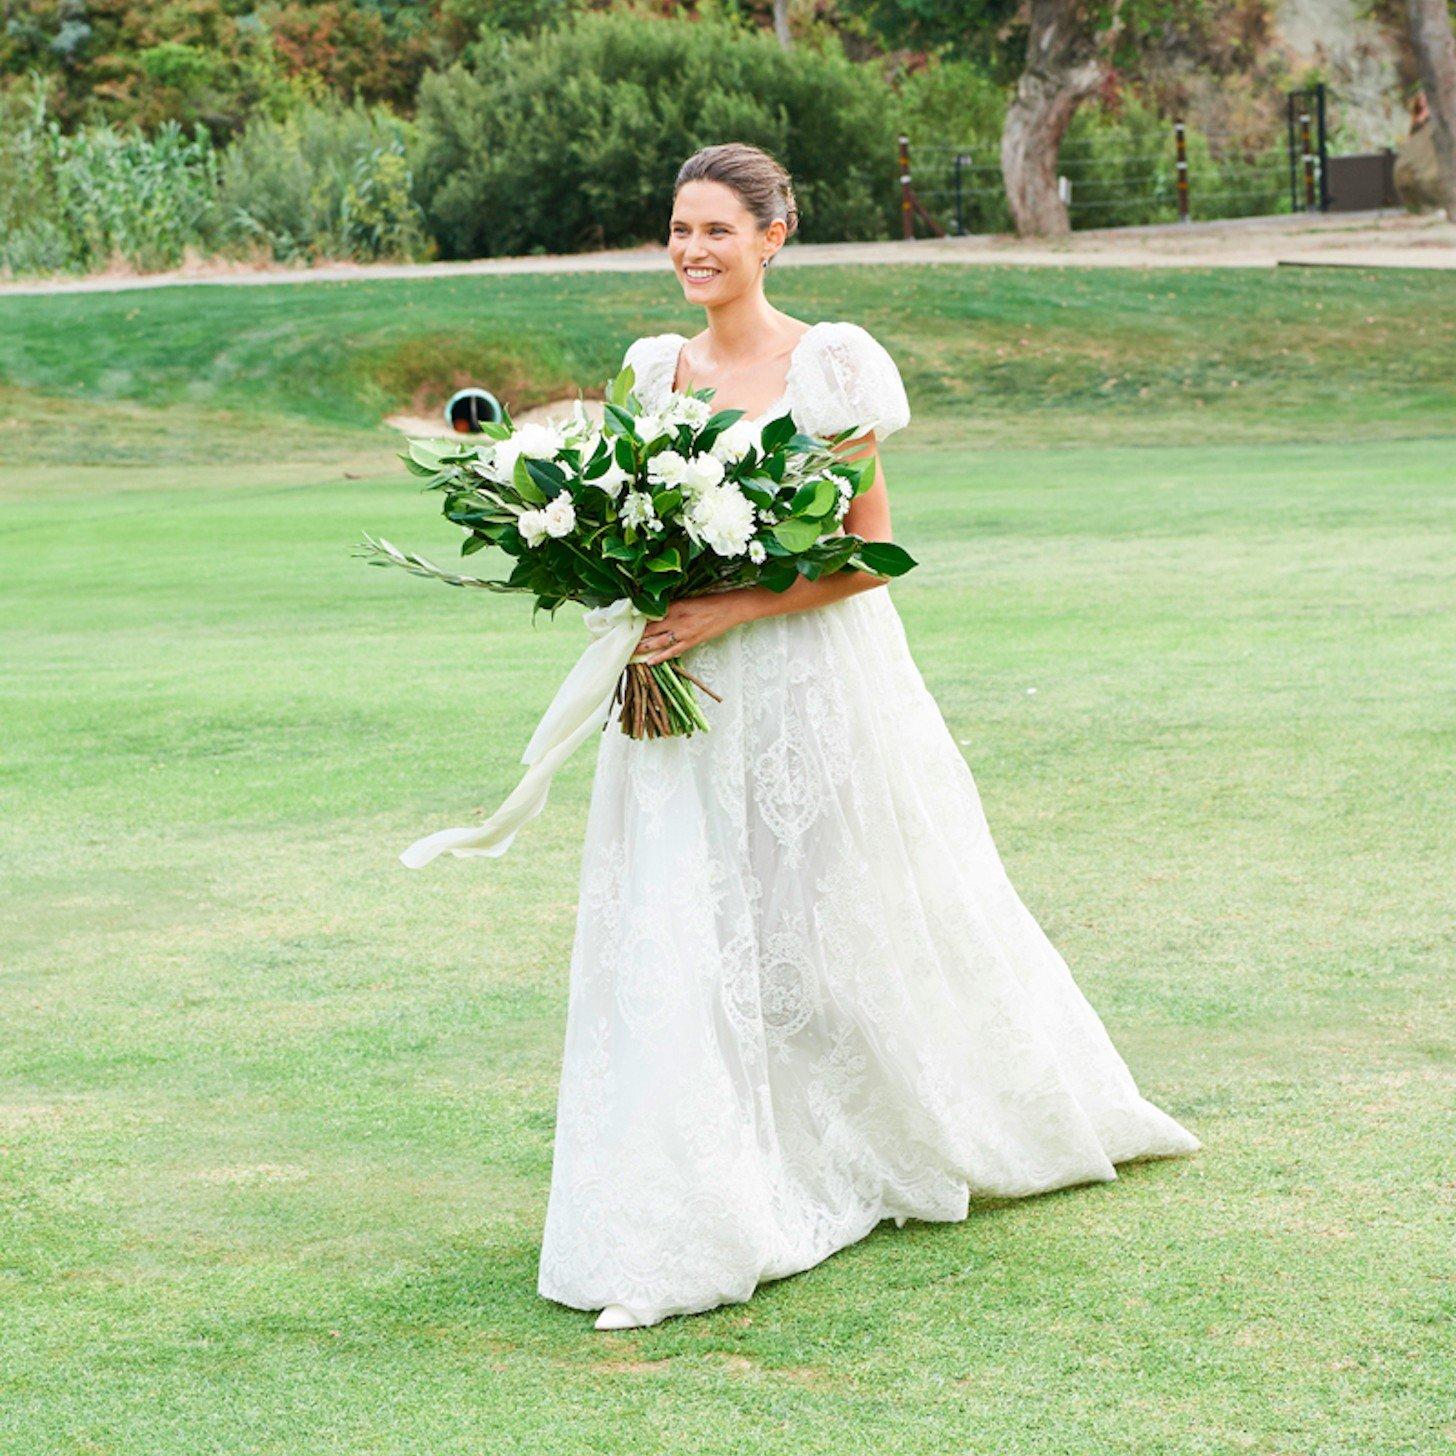 modelo italiana Bianca Balti com look sob medida de Dolce & Gabbana. Foto: reprodução internet